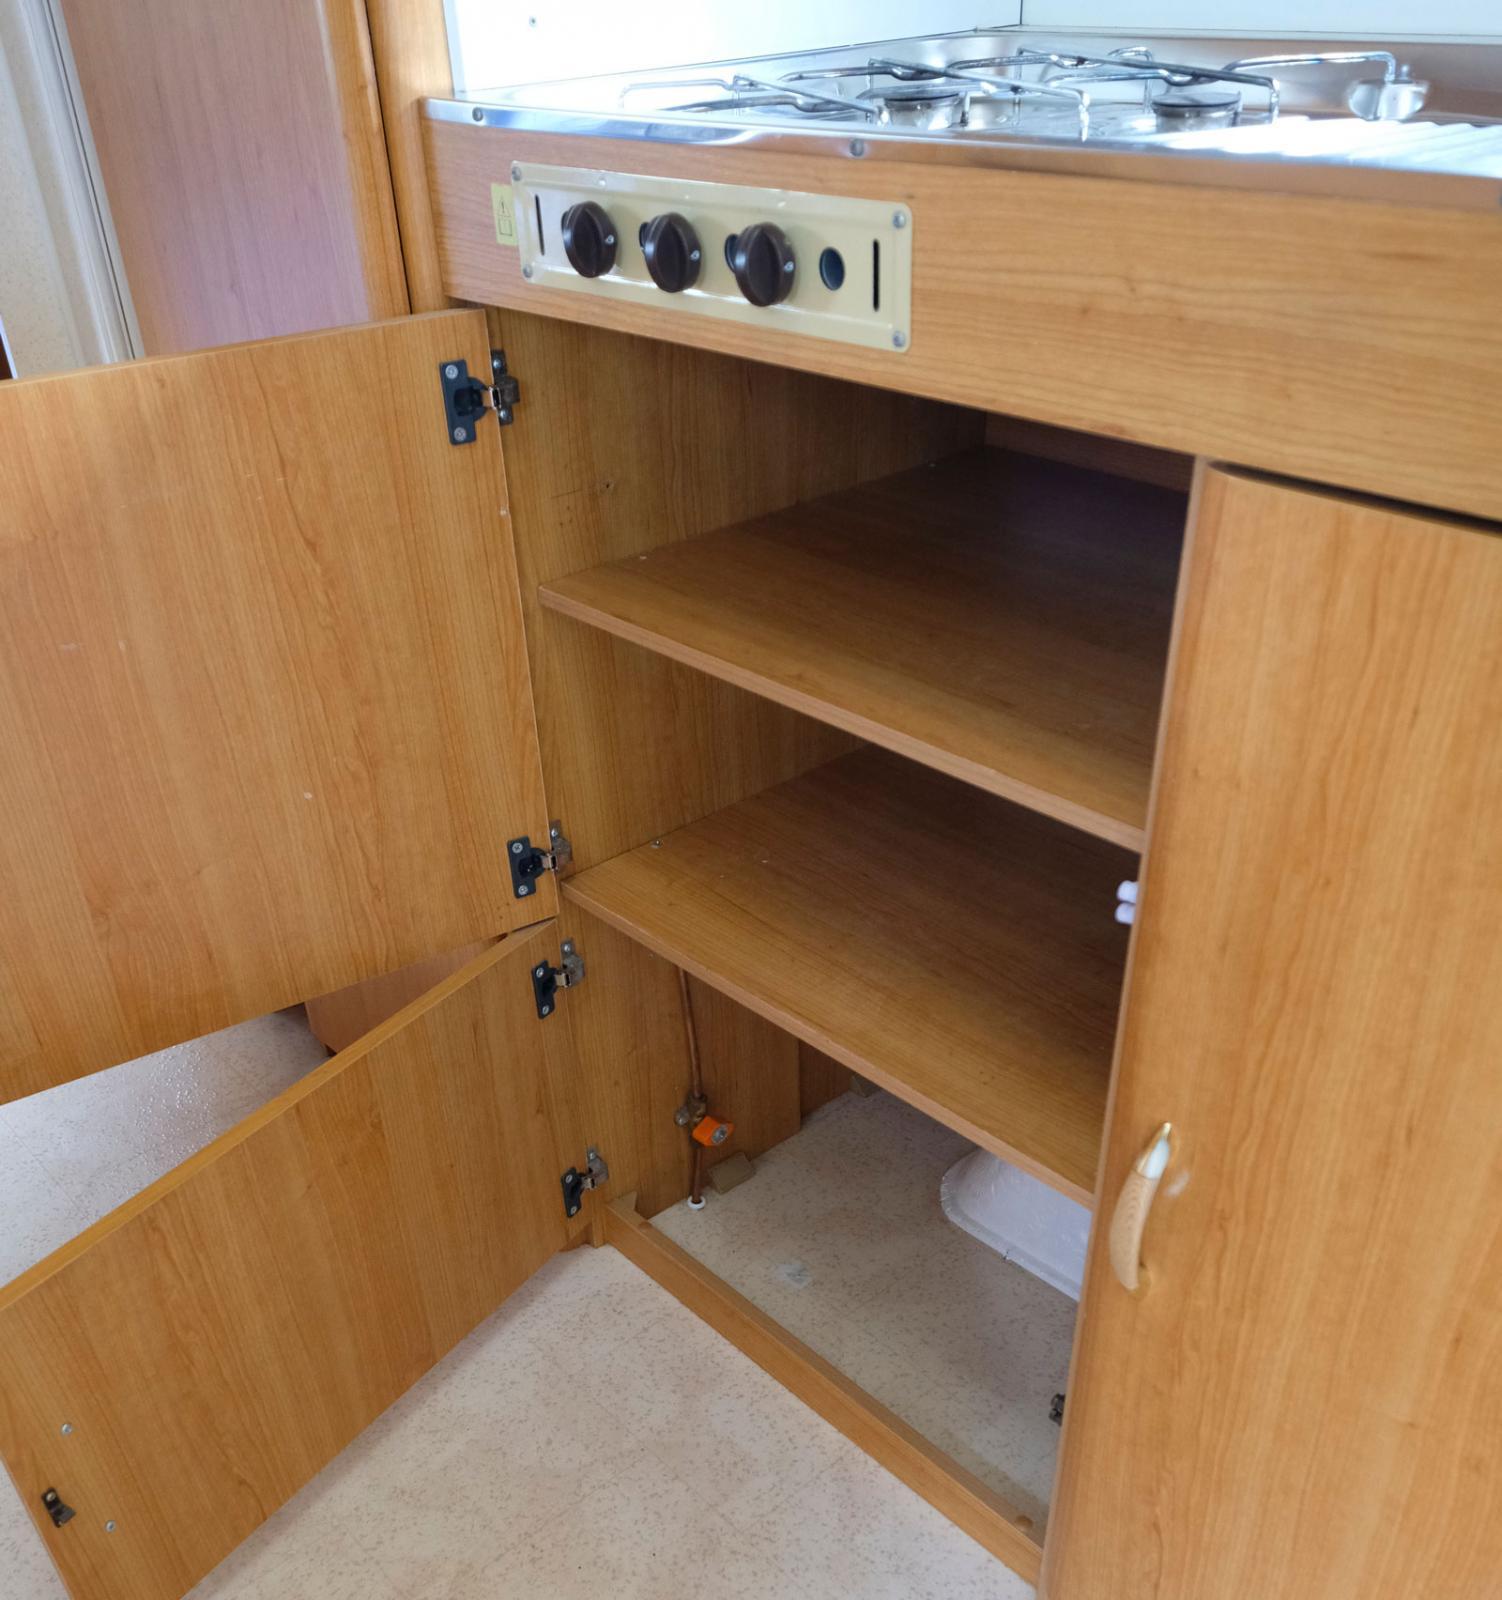 Både skåp och lådor finns det gott om i köksutrymmet. Utdragbar skärbräda finns också.